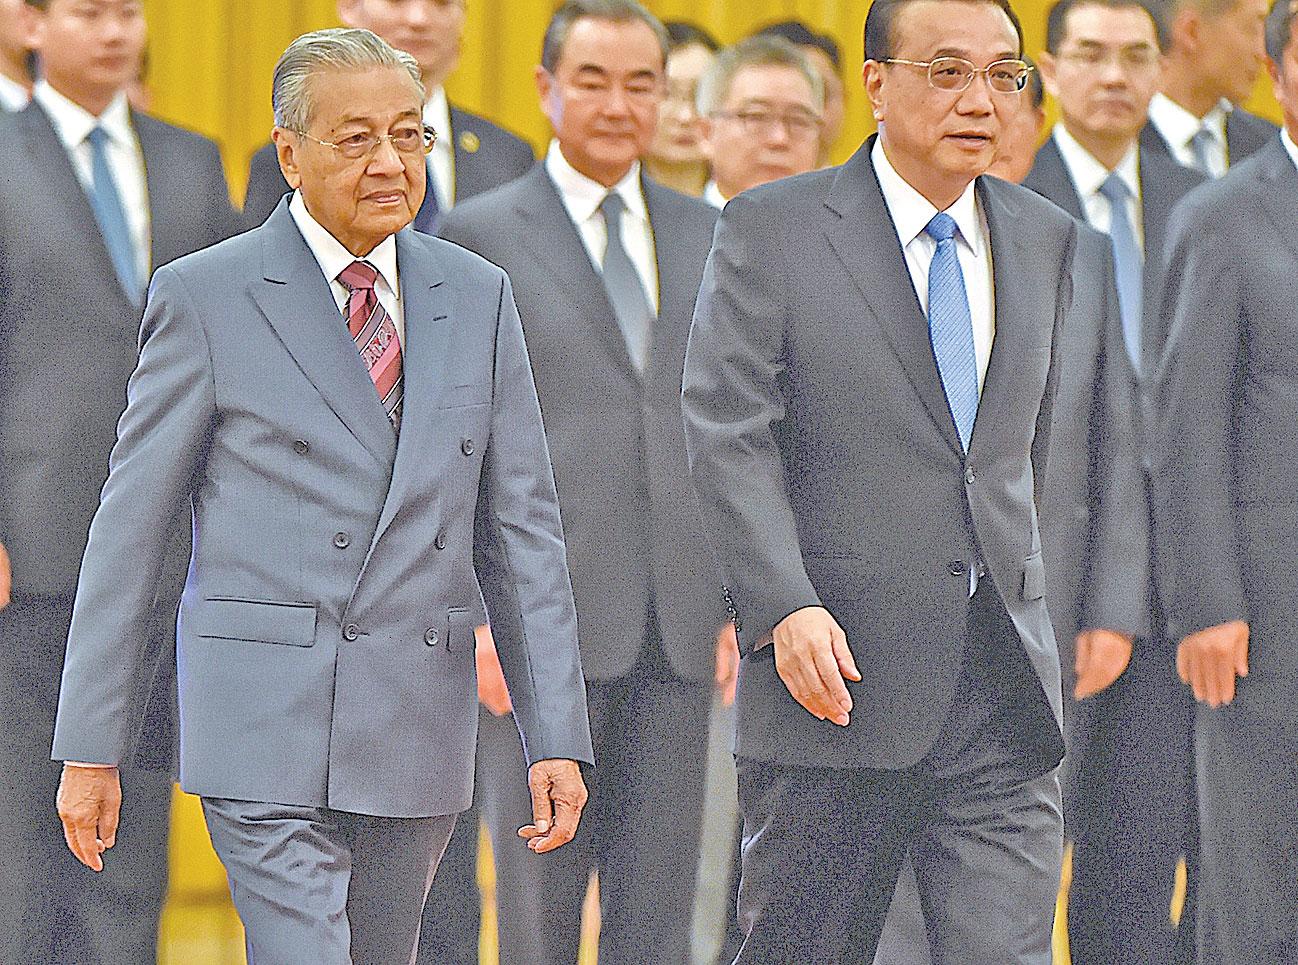 馬來西亞新總理馬哈迪穆罕默德(左),8月21日與北京當局達成協議,正式停止一帶一路的兩項合作項目。(WANG ZHAO/AFP/Getty Images)